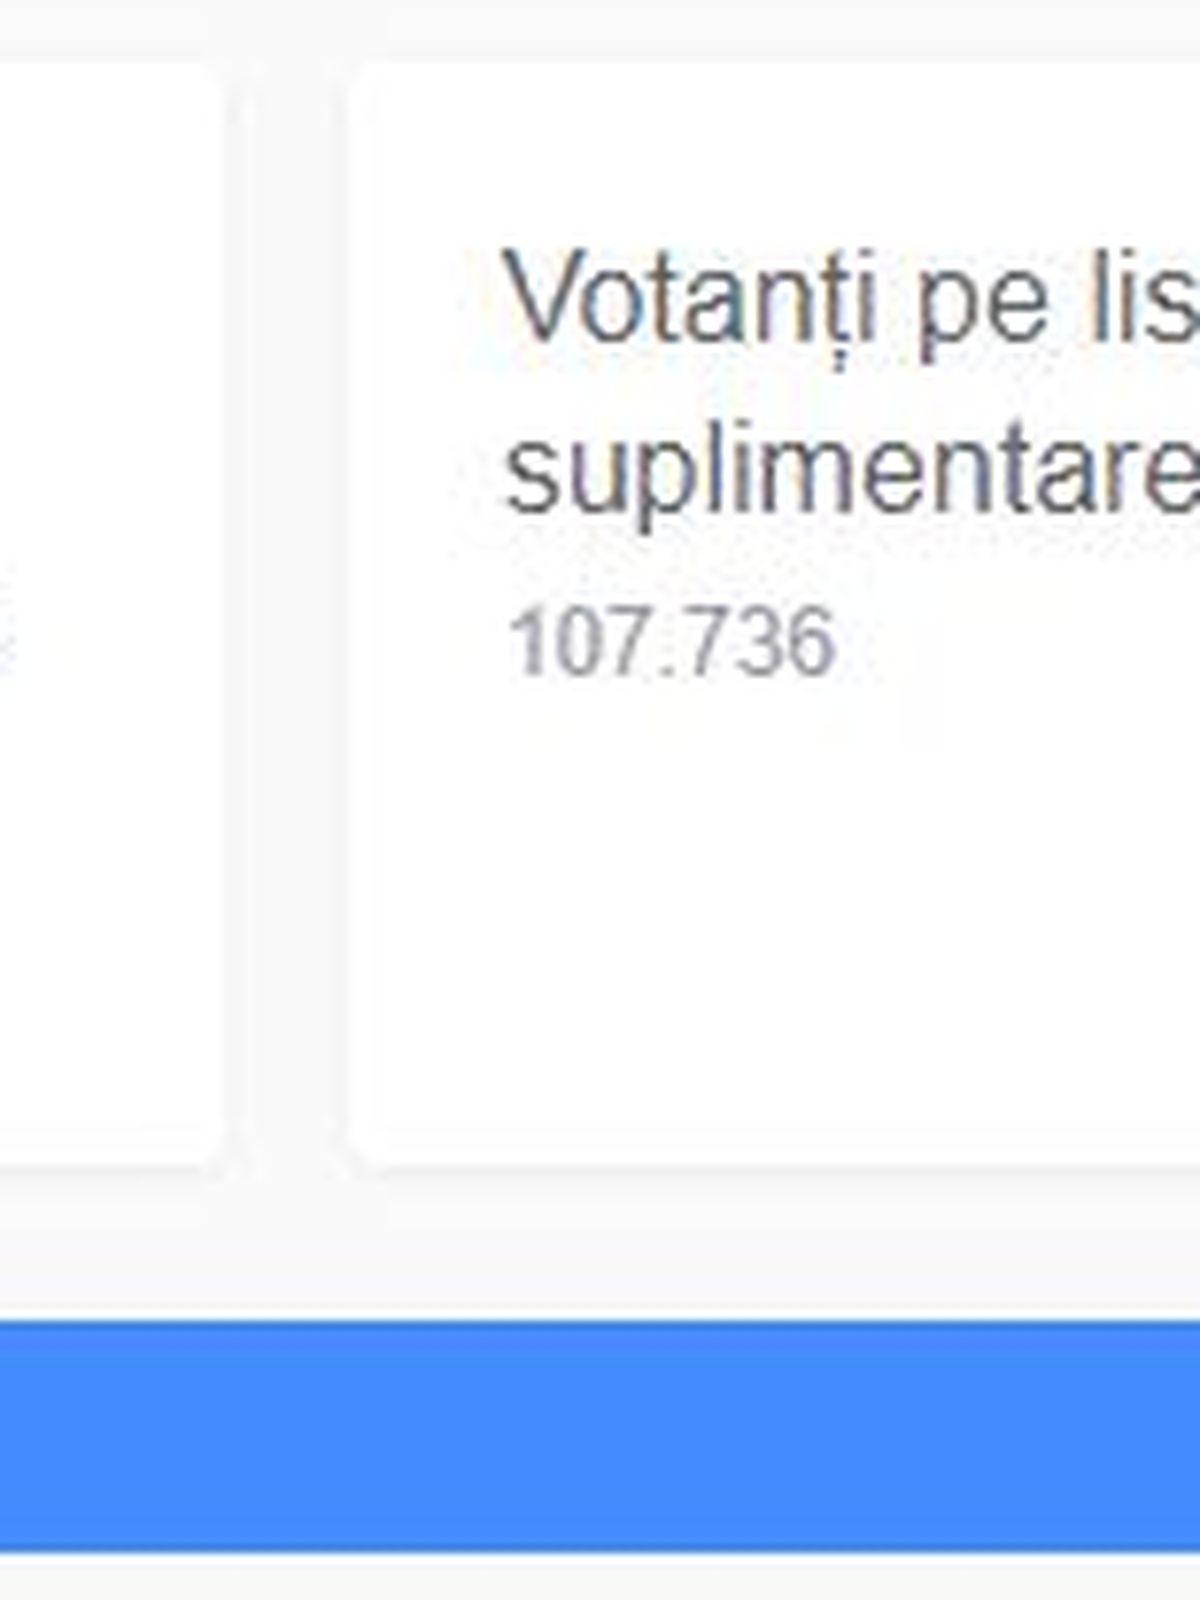 Rezultate alegeri locale 2020. Cine a câștigat Primăria Galați  |Rezultate Alegeri Locale 2020